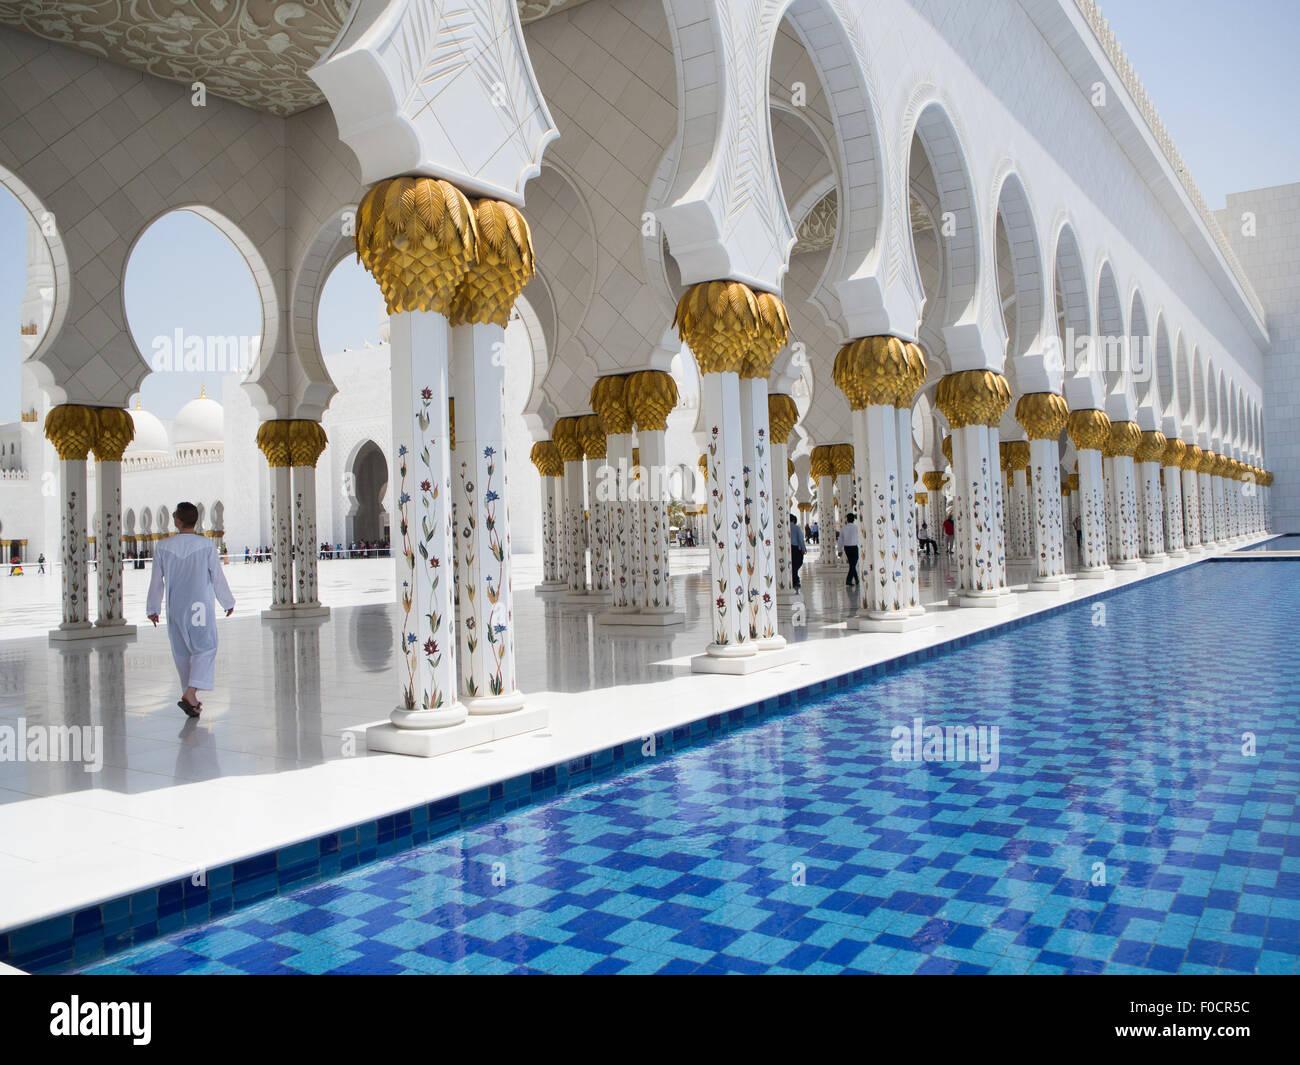 Grande Mosquée de Sheikh Zayed à Abu Dhabi, Émirats arabes unis Banque D'Images